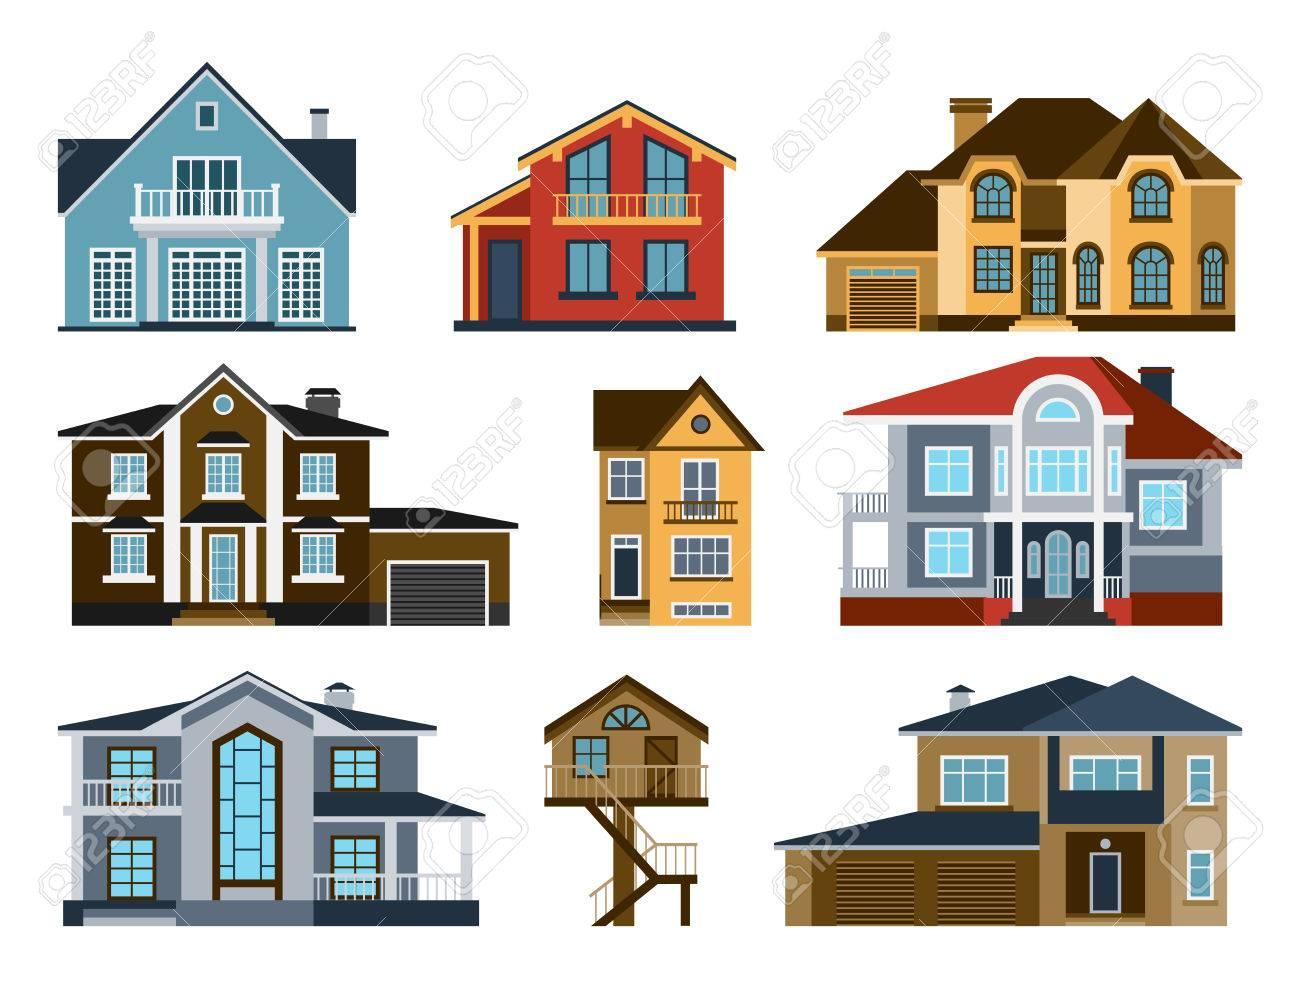 Häuser Vorderansicht Vektor-Illustration. Häuser Flach Stil Moderne ...